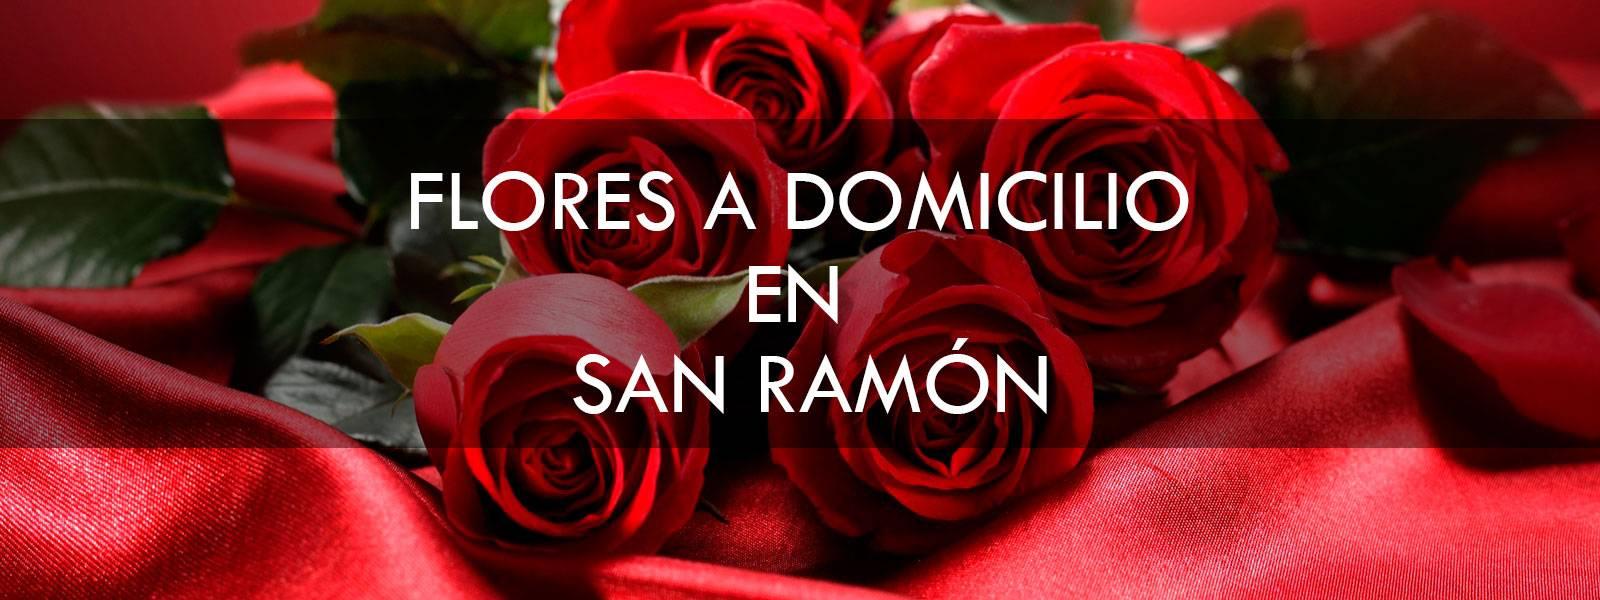 Flores a domicilio en San Ramón